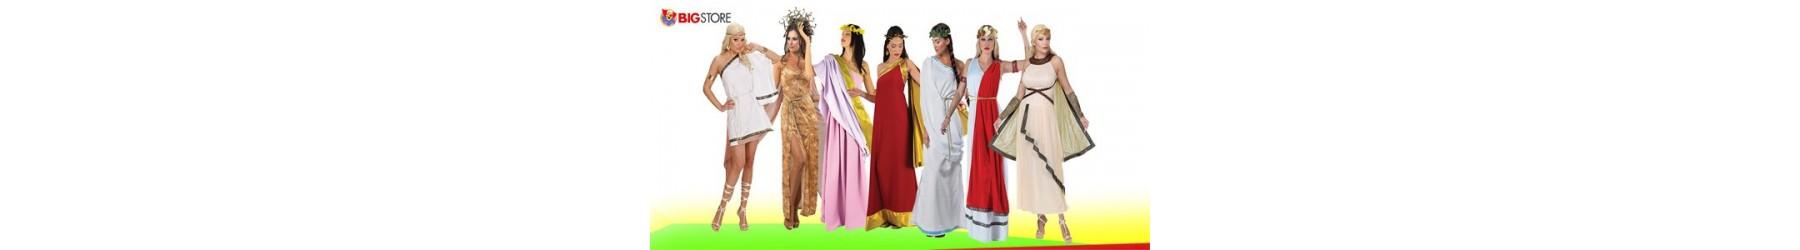 Αποκριάτικες στολές Αρχαία Ελλάδα για Γυναίκες σε όλα τα σχέδια